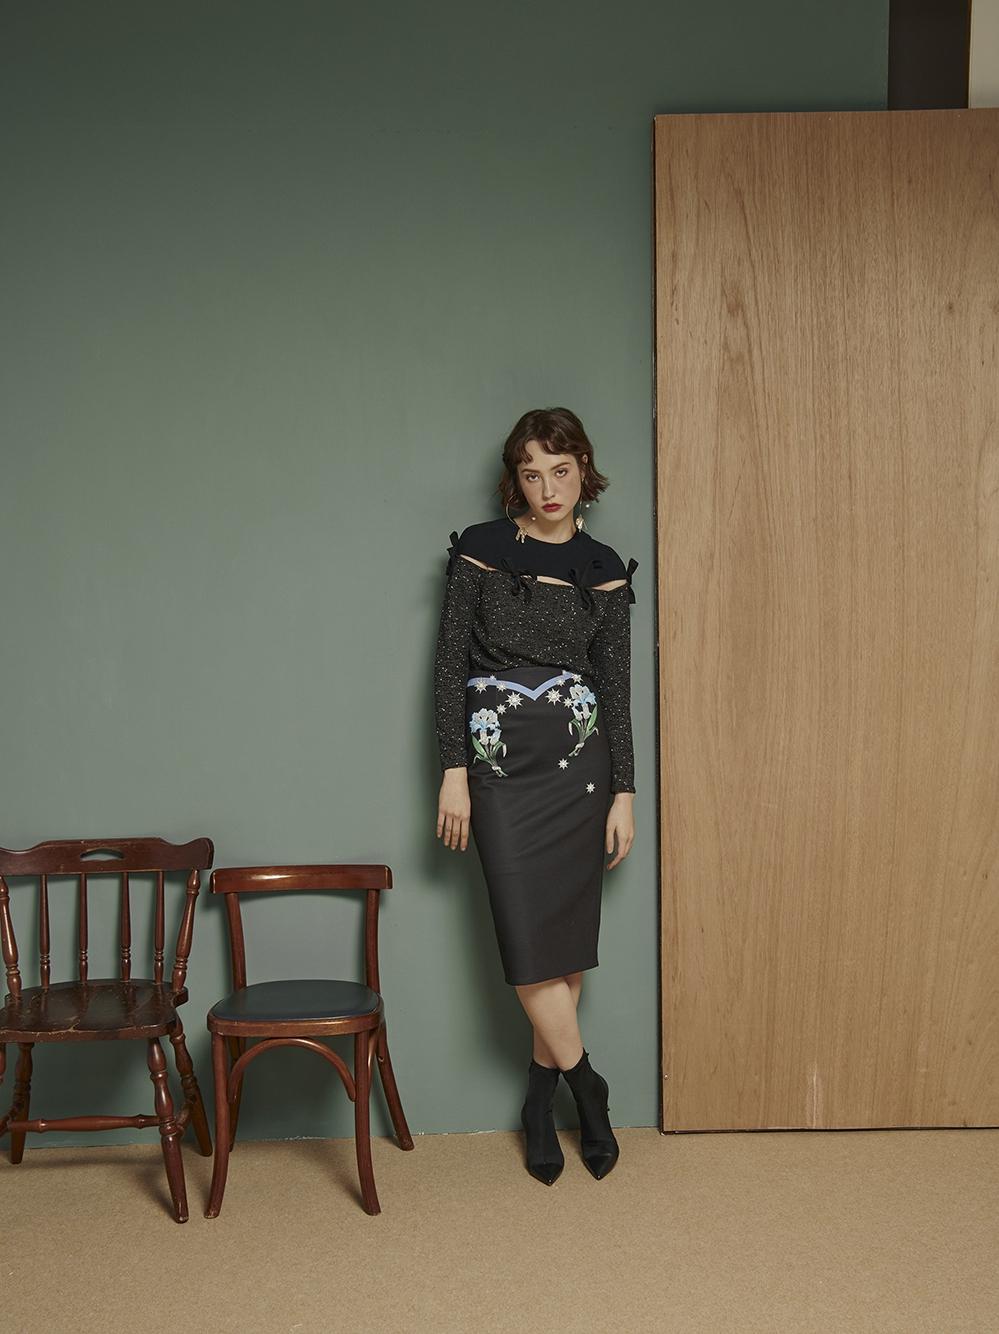 Labriells official store - Designer Manhattan Serenade print slit high waist pencil skirt Shunfeng package mail